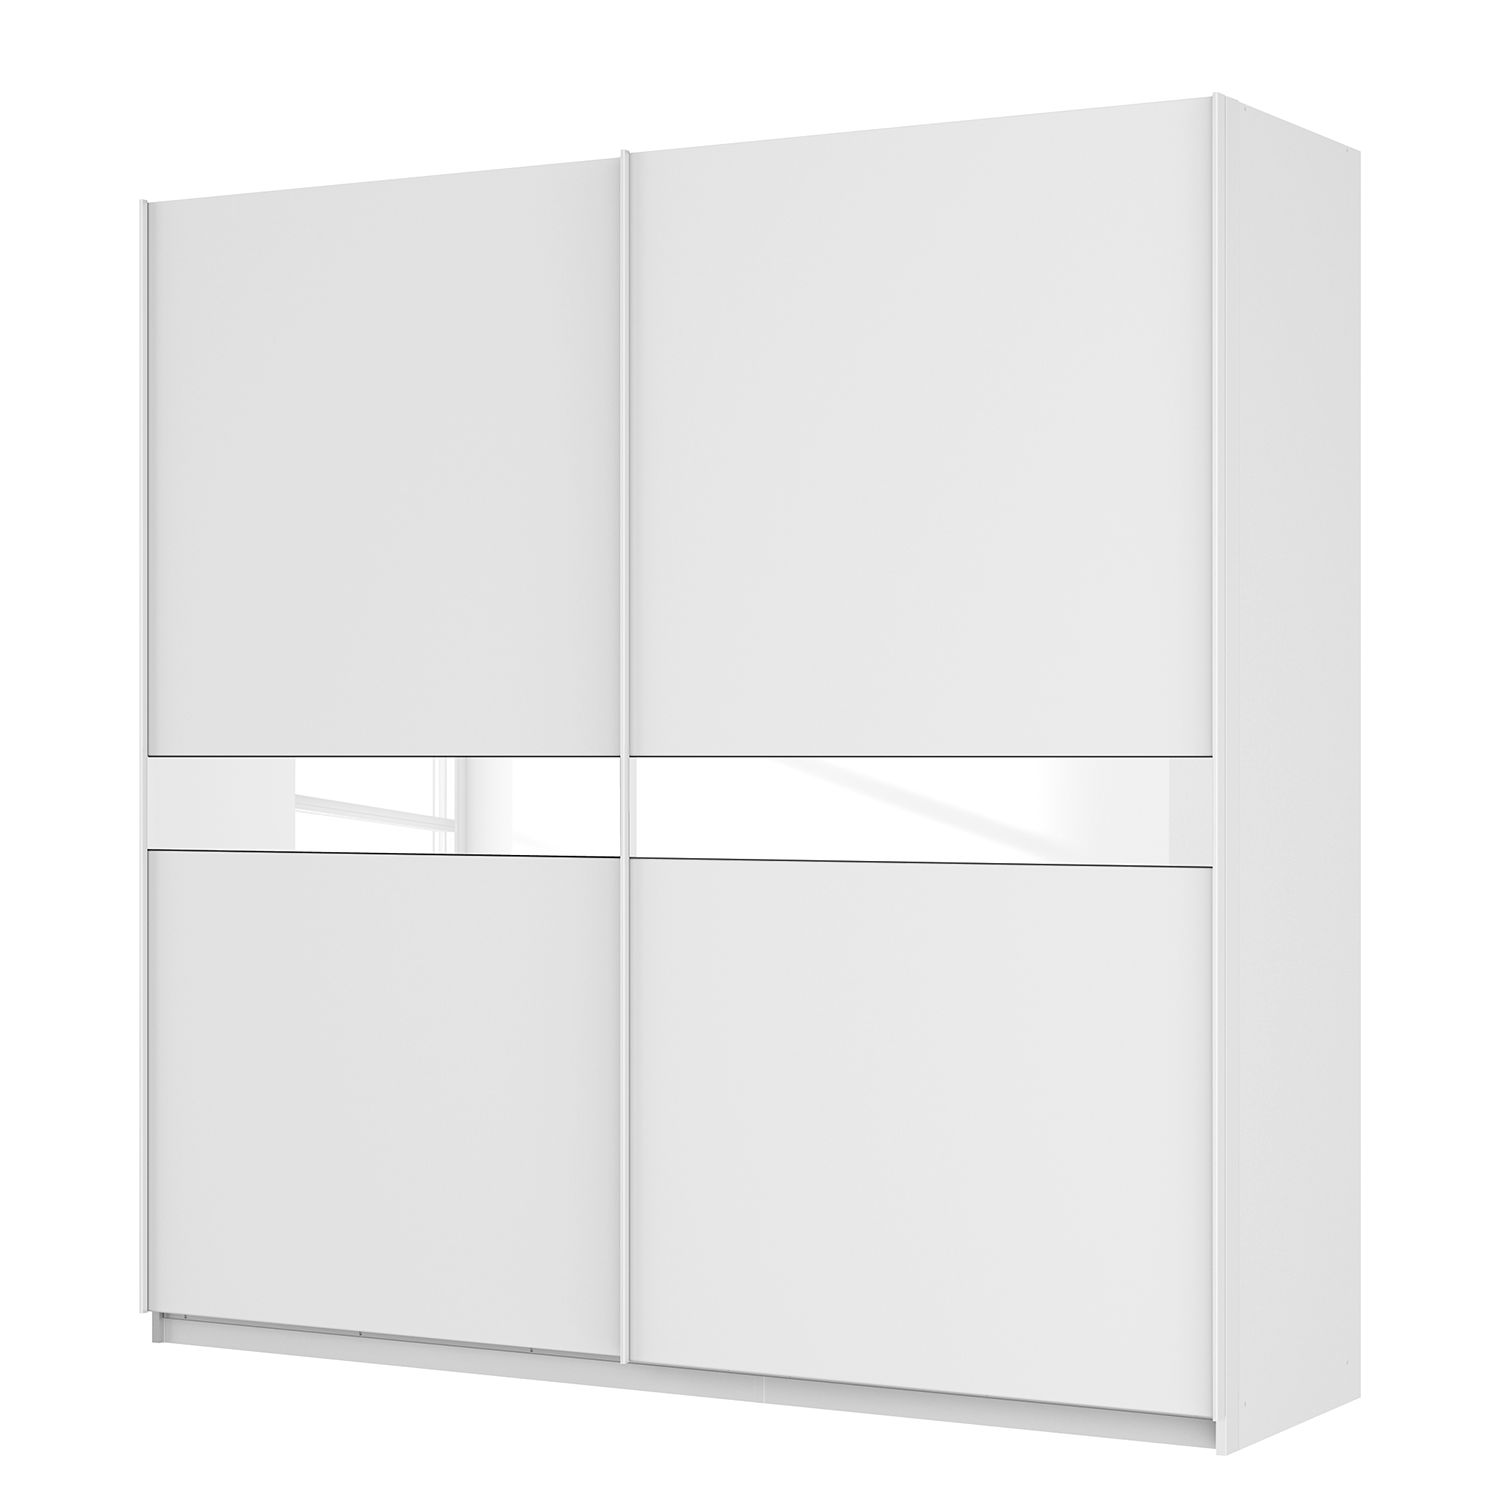 goedkoop Zweefdeurkast Skøp alpinewit wit mat glas 225cm 2 deurs 222cm Premium Skop